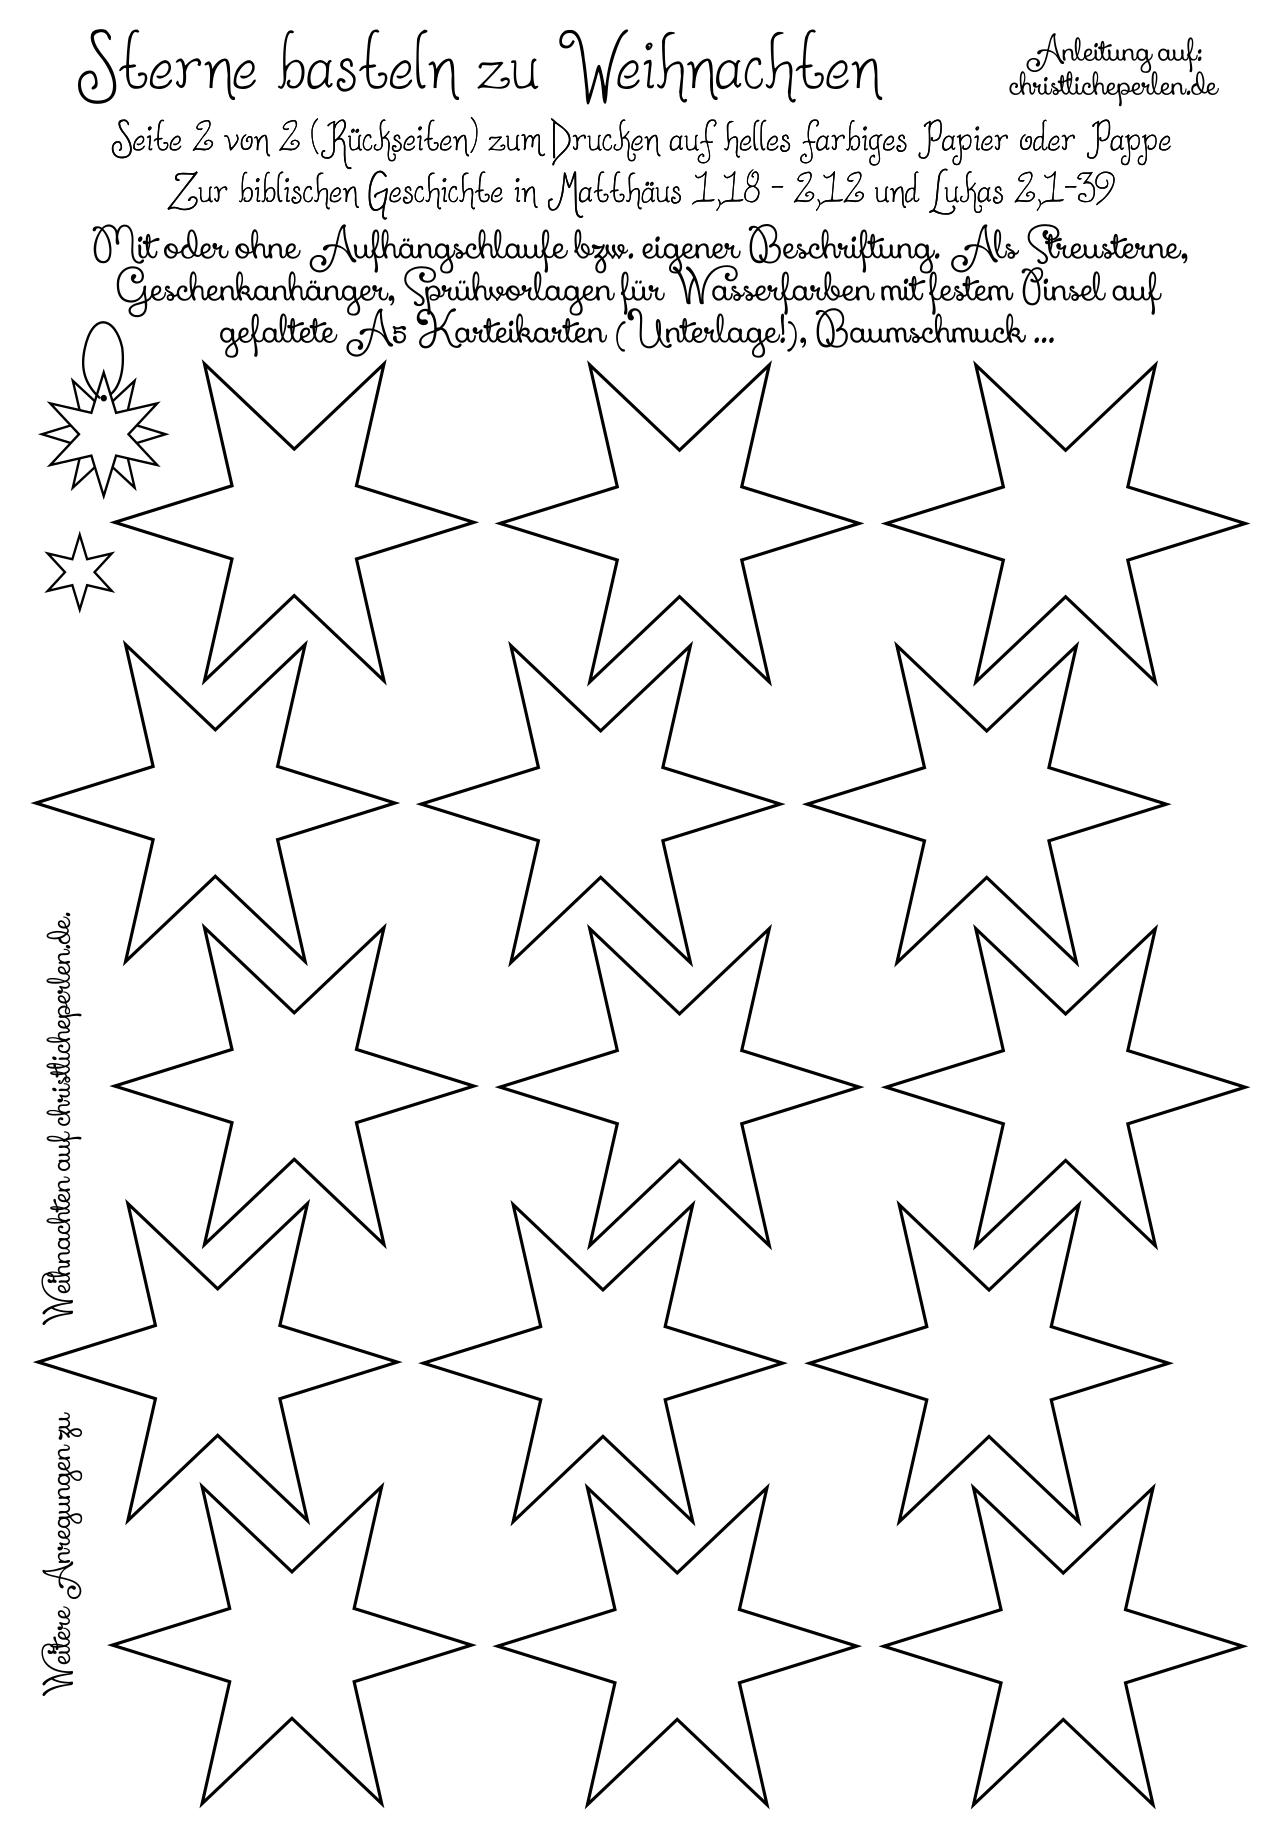 Geschenkanhänger zu Weihnachten | Christliche Perlen